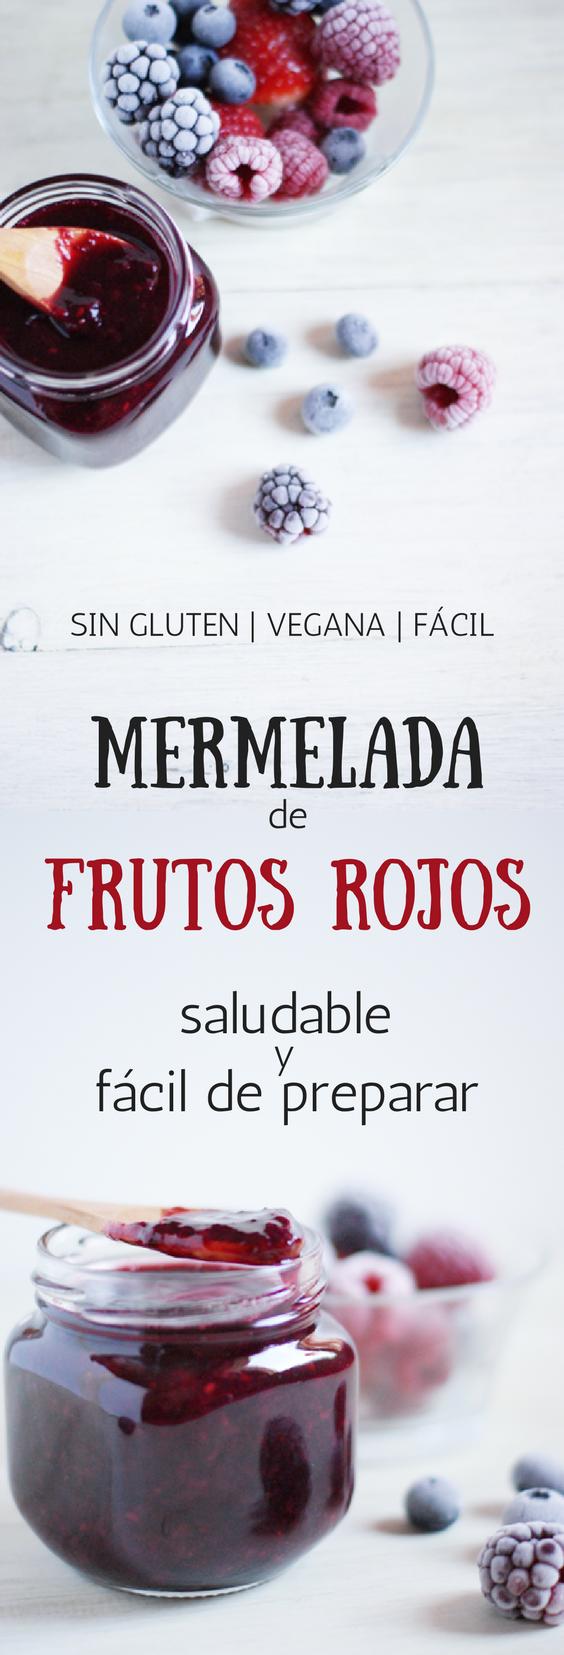 Mermelada de frutos rojos saludable y fácil de preparar